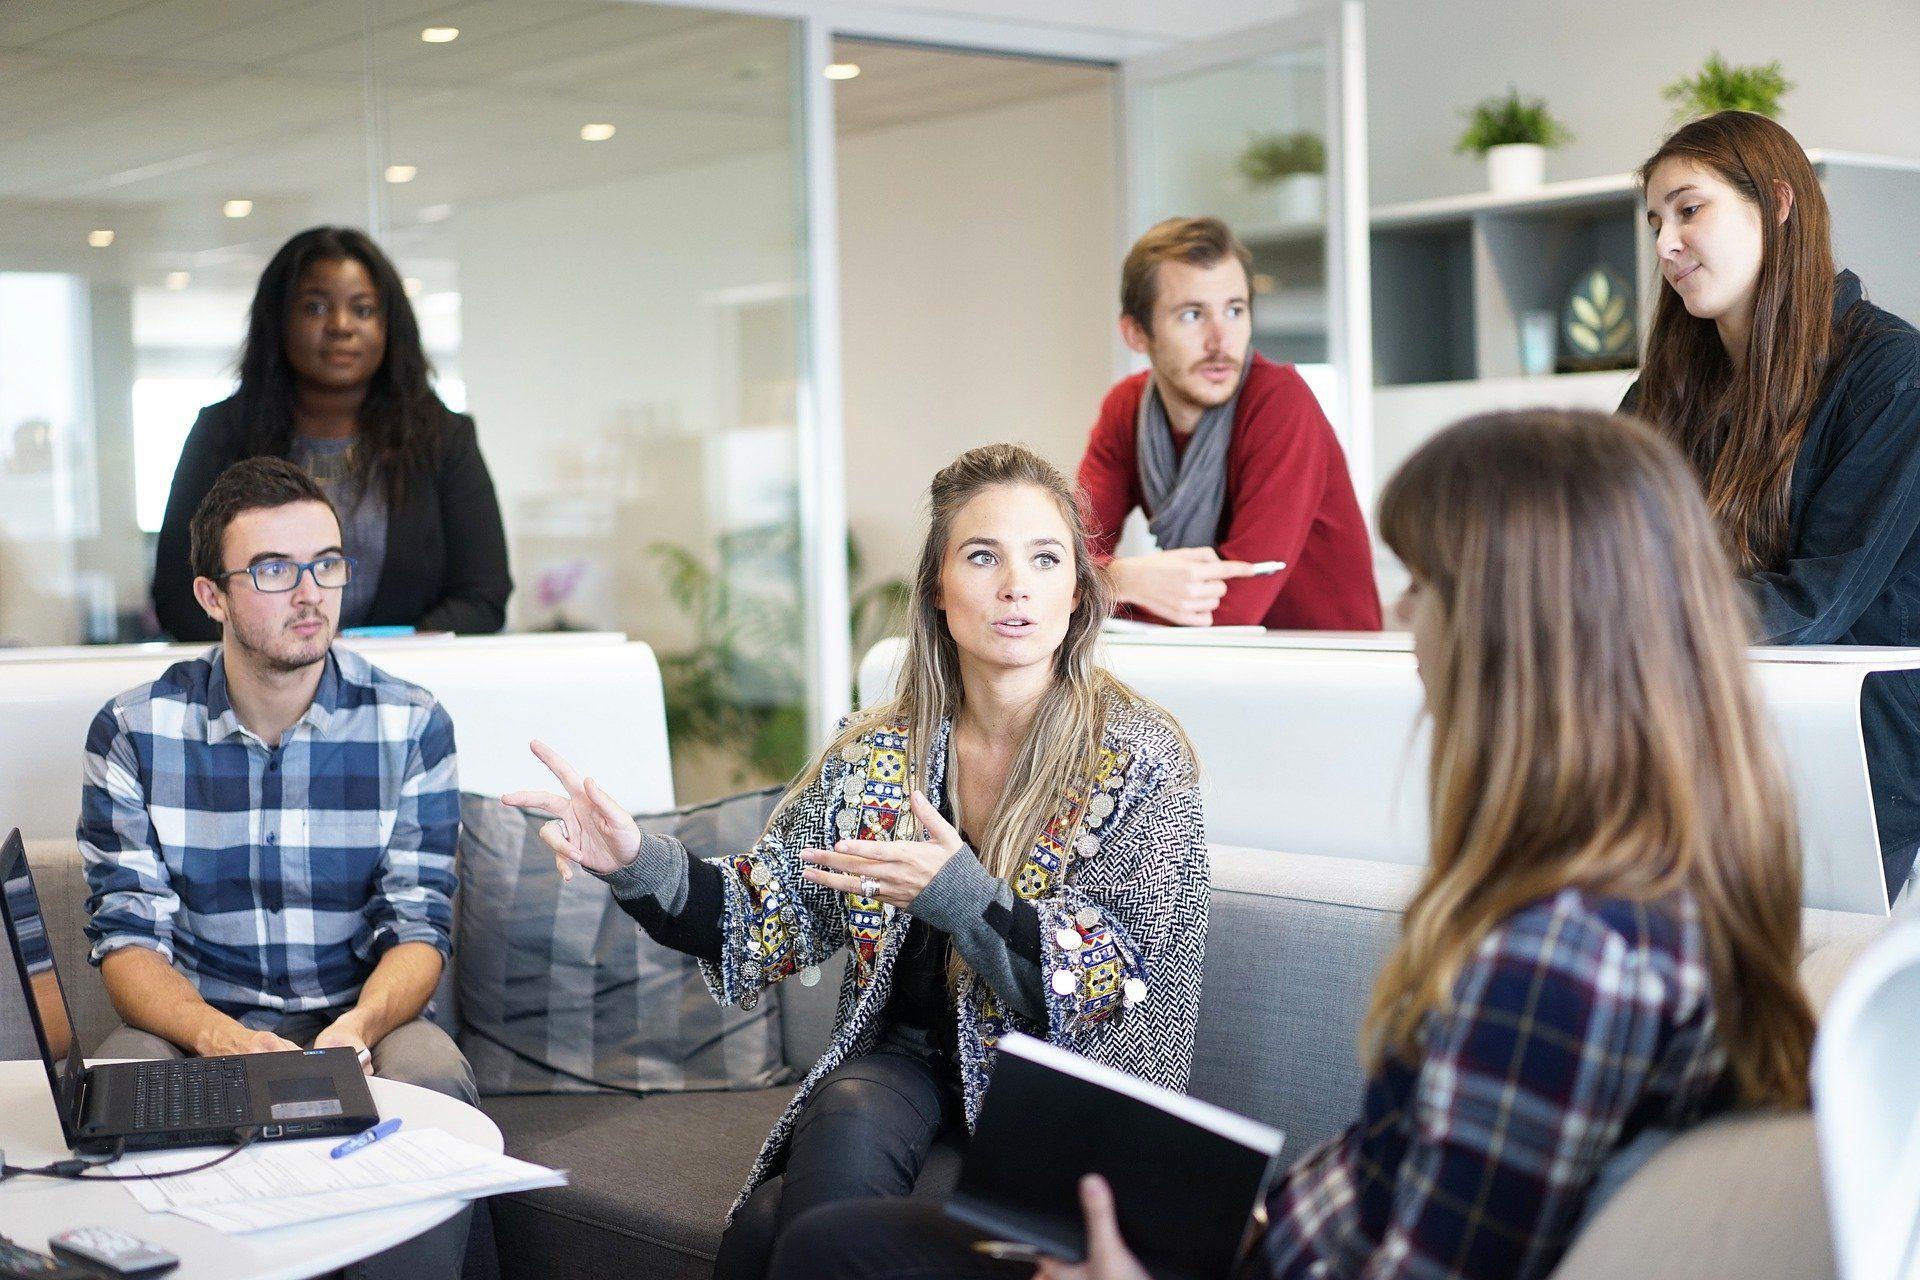 ¿Qué es SAP y para qué sirve?¿Qué perfiles trabajan con SAP?¿Qué empresas usan SAP?